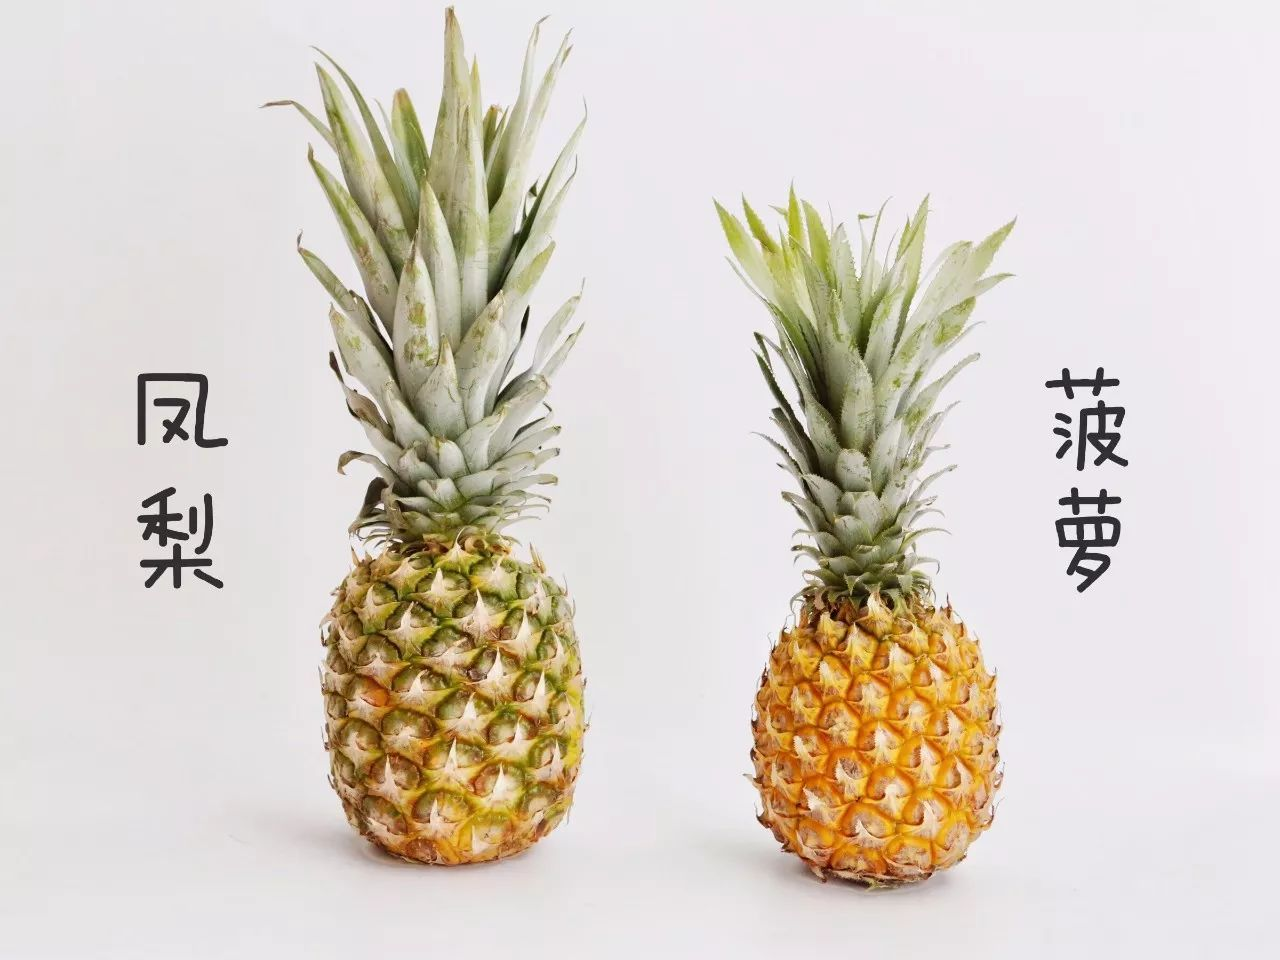 菠萝还是凤梨?不要再傻傻分不清楚了!